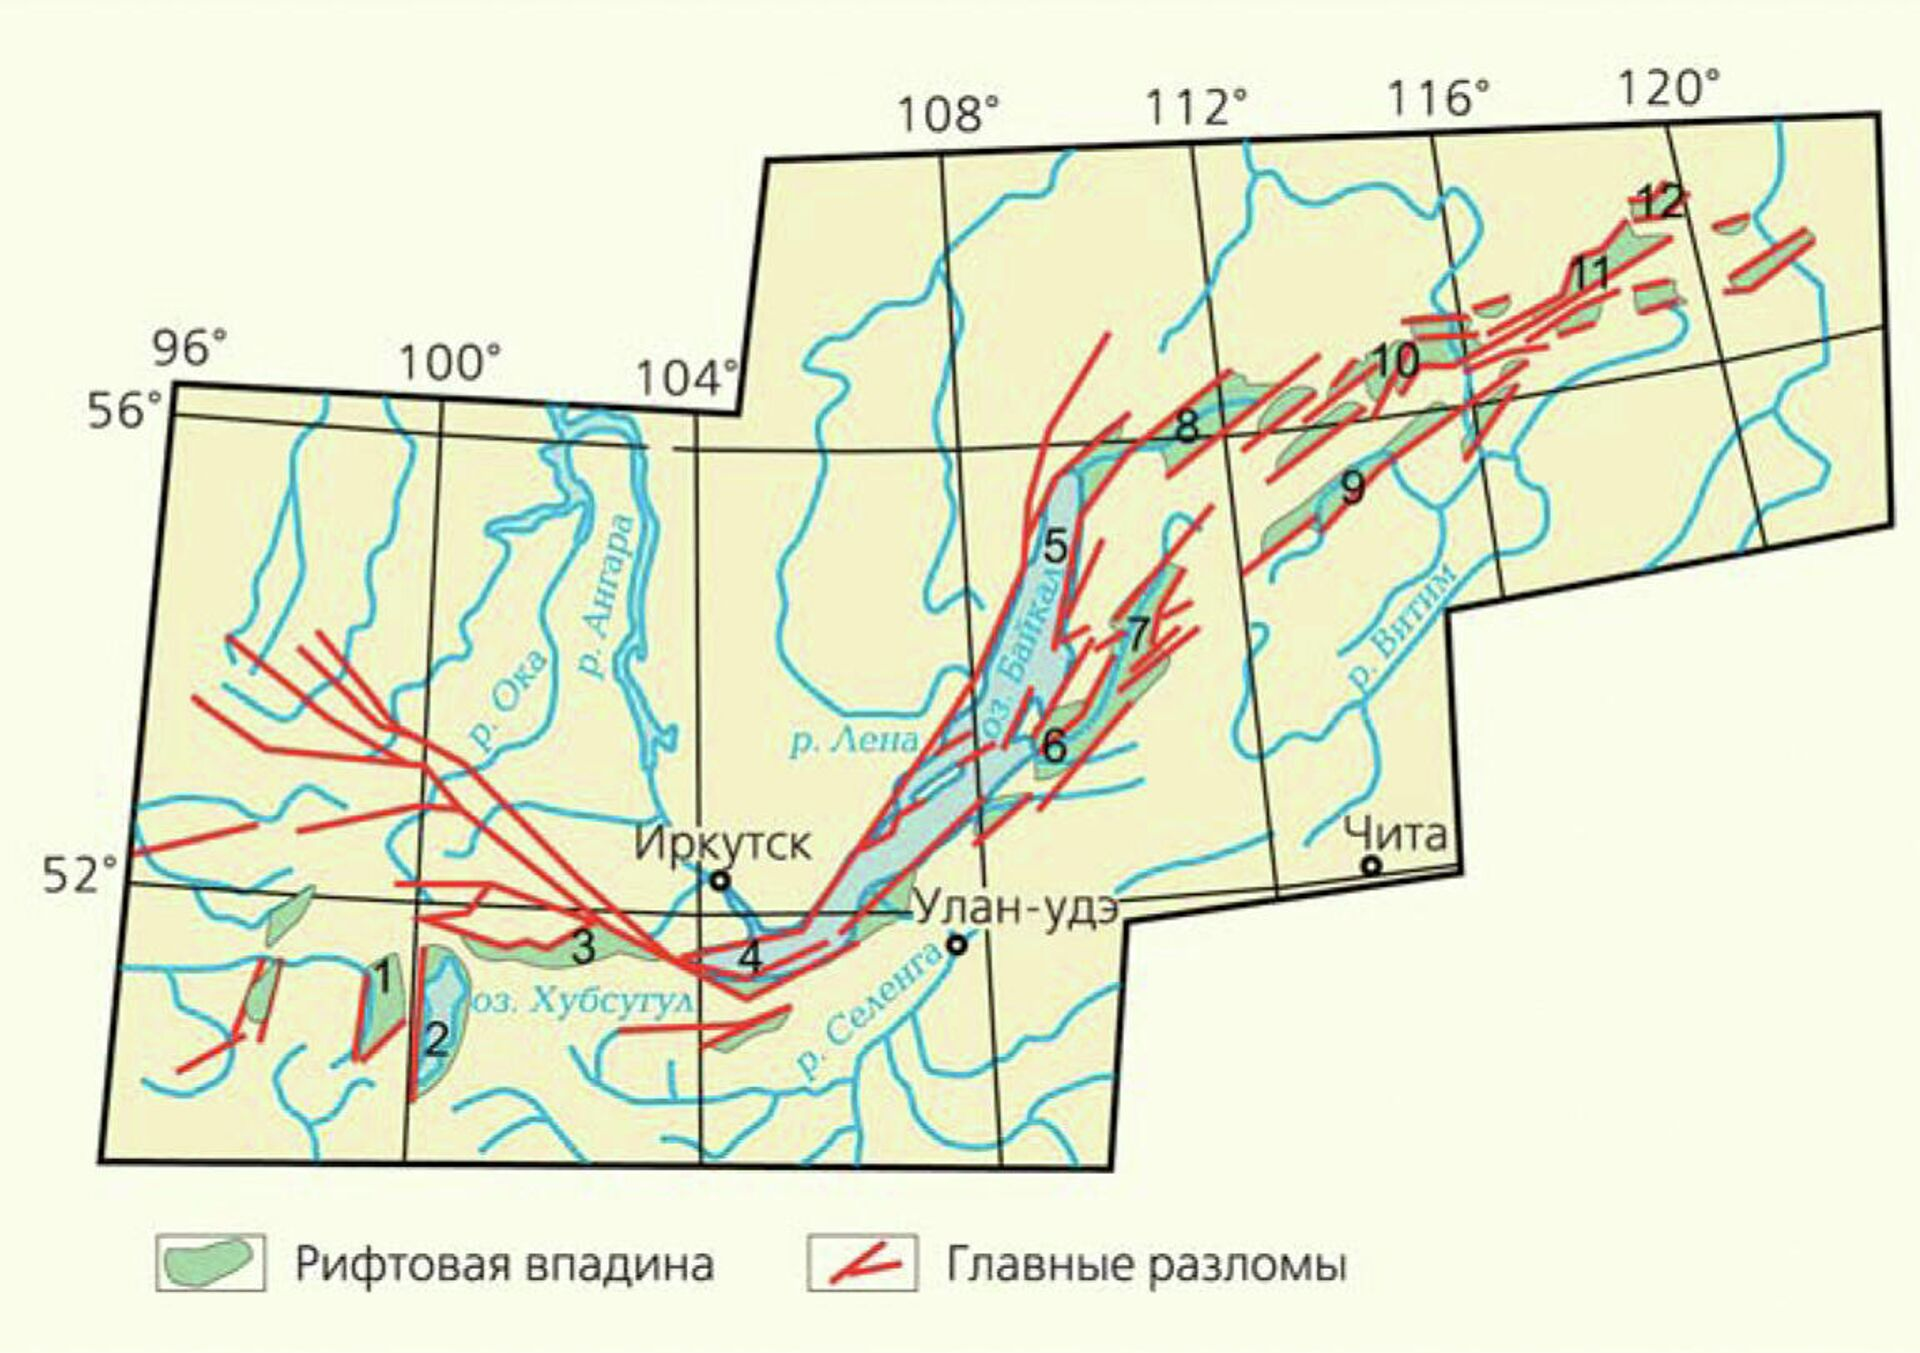 Байкальская рифтовая зона. Цифрами на схеме обозначены крупные рифтовые впадины: Дархатская (1), Косогол (2), Тункинская (3), Южнобайкальская (4), Северобайкальская (5), Усть-Баргузинская (6), Баргузинская (7), Верхнеангарская (8), Ципинская (9), Муйская (10), Чарская (11), Токкийская (12) - РИА Новости, 1920, 22.09.2020